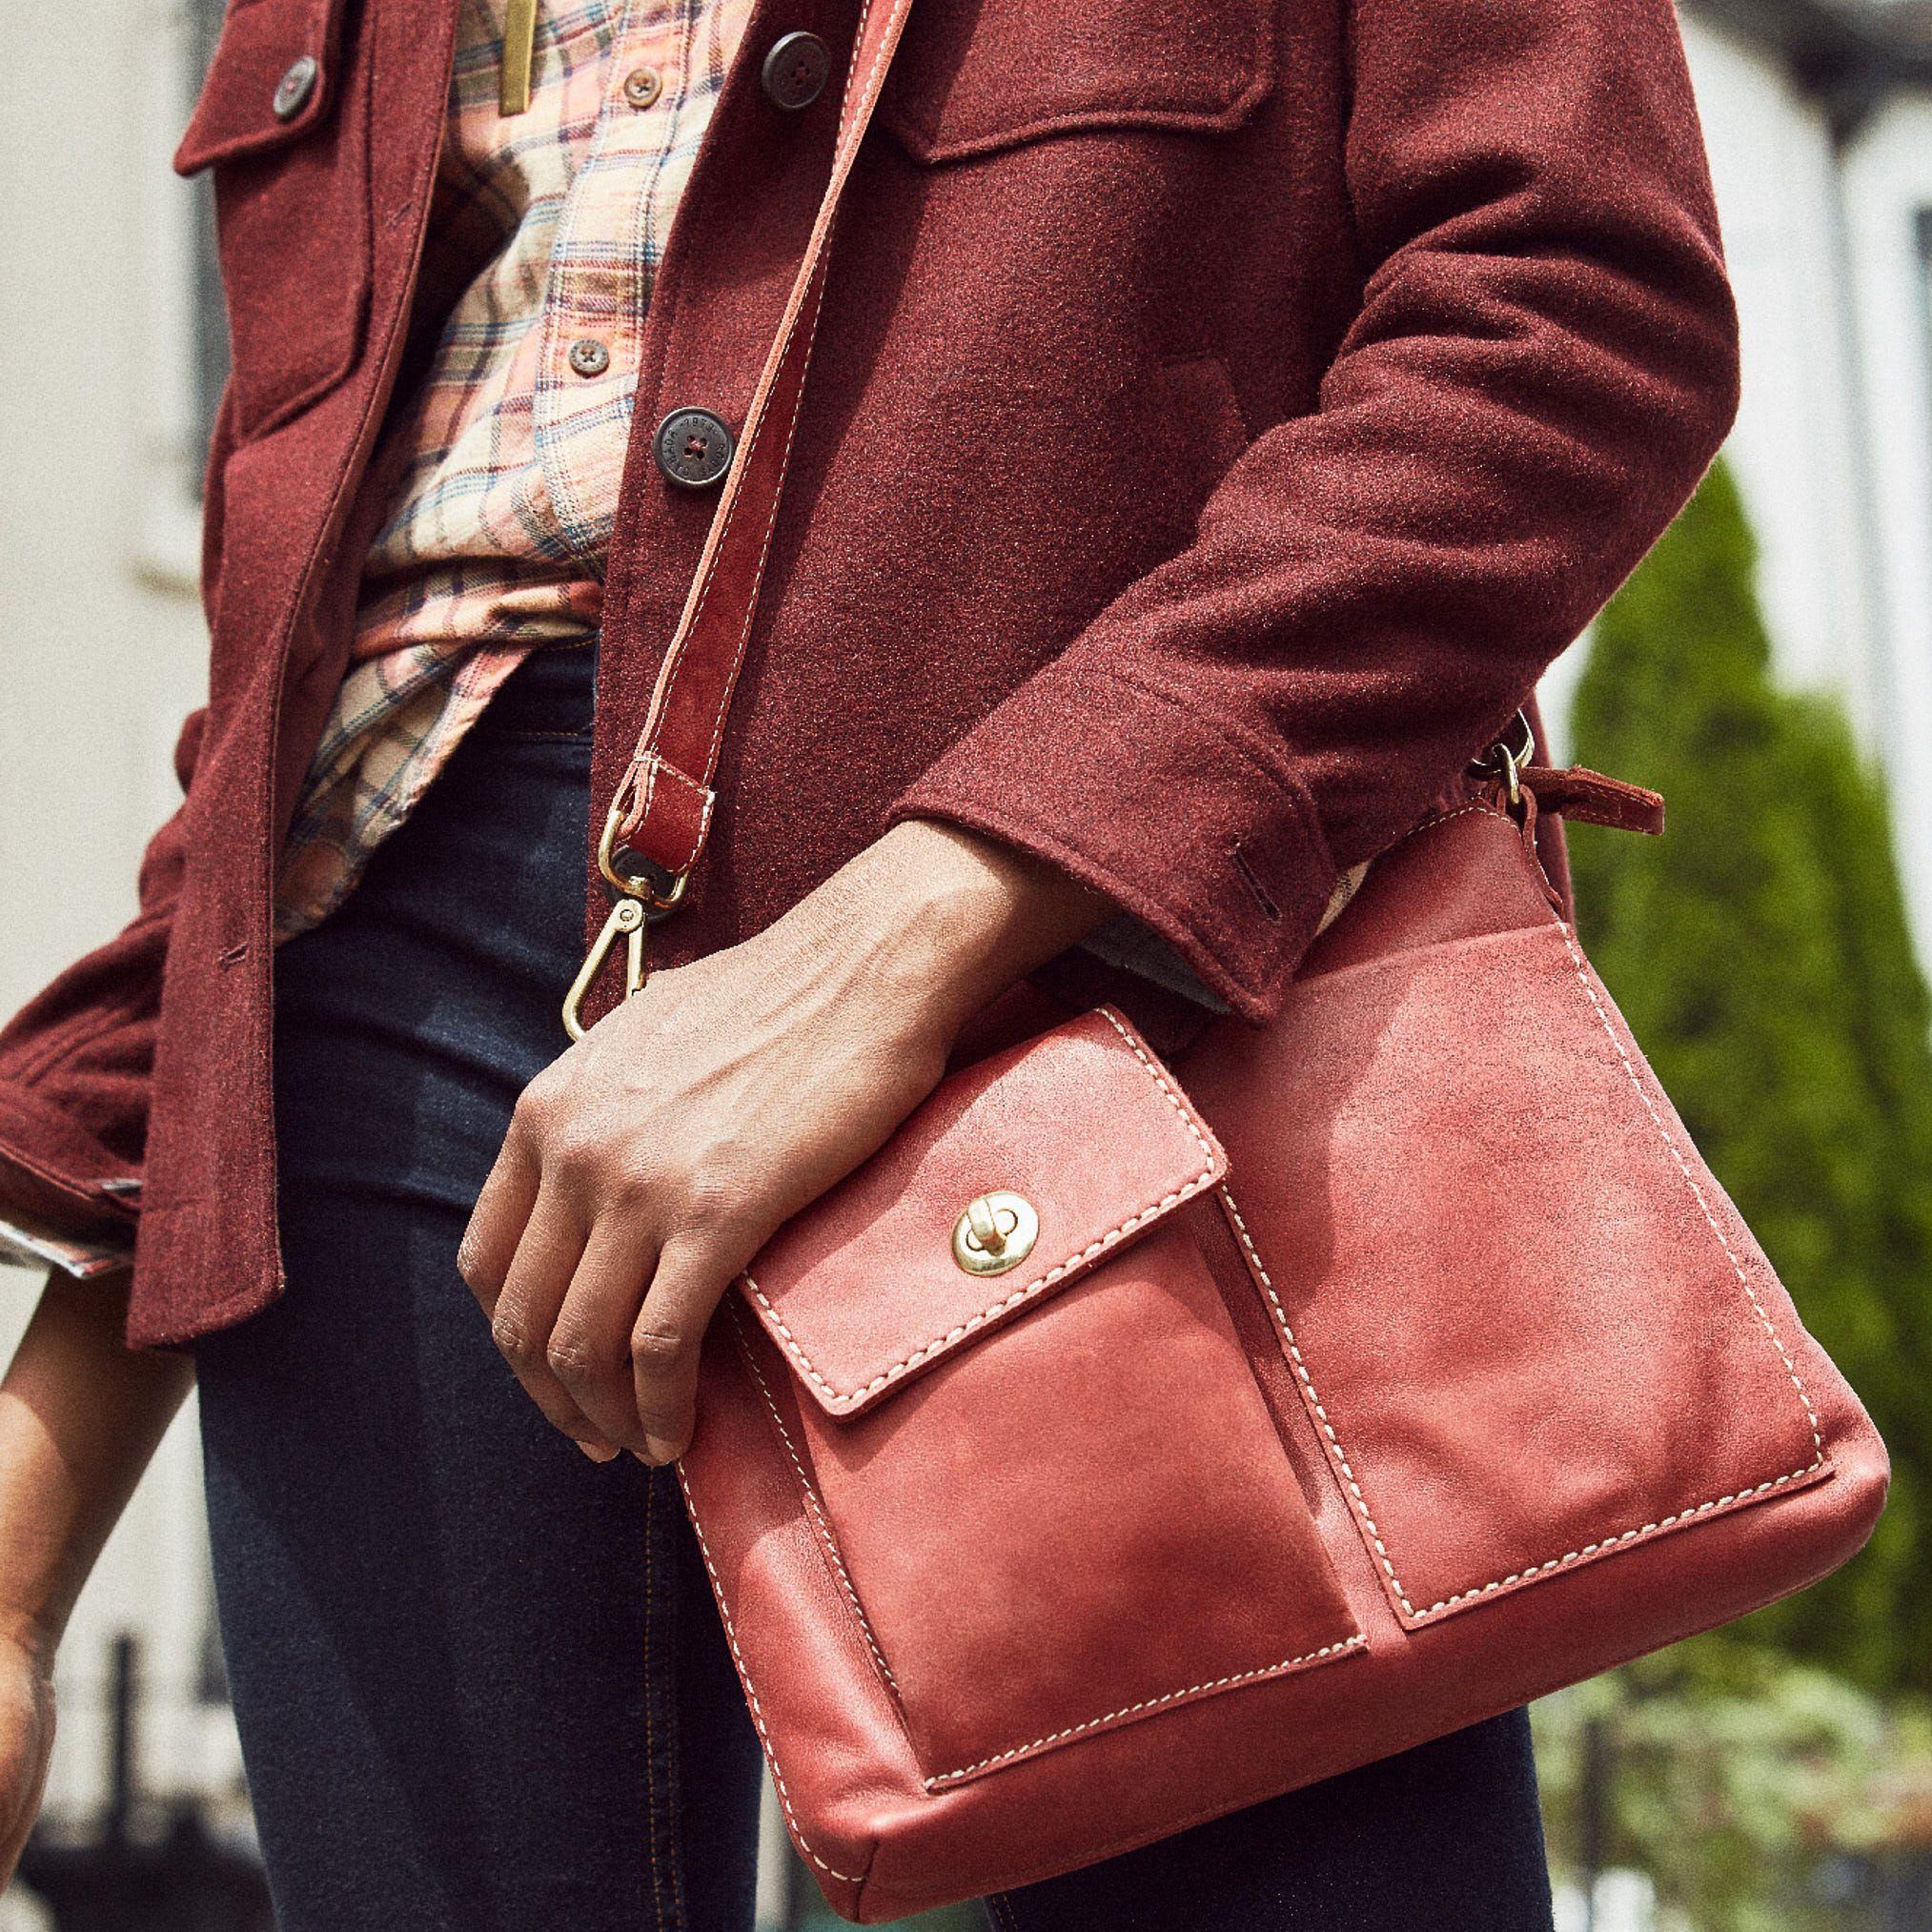 Come scegliere sempre la borsa adatta